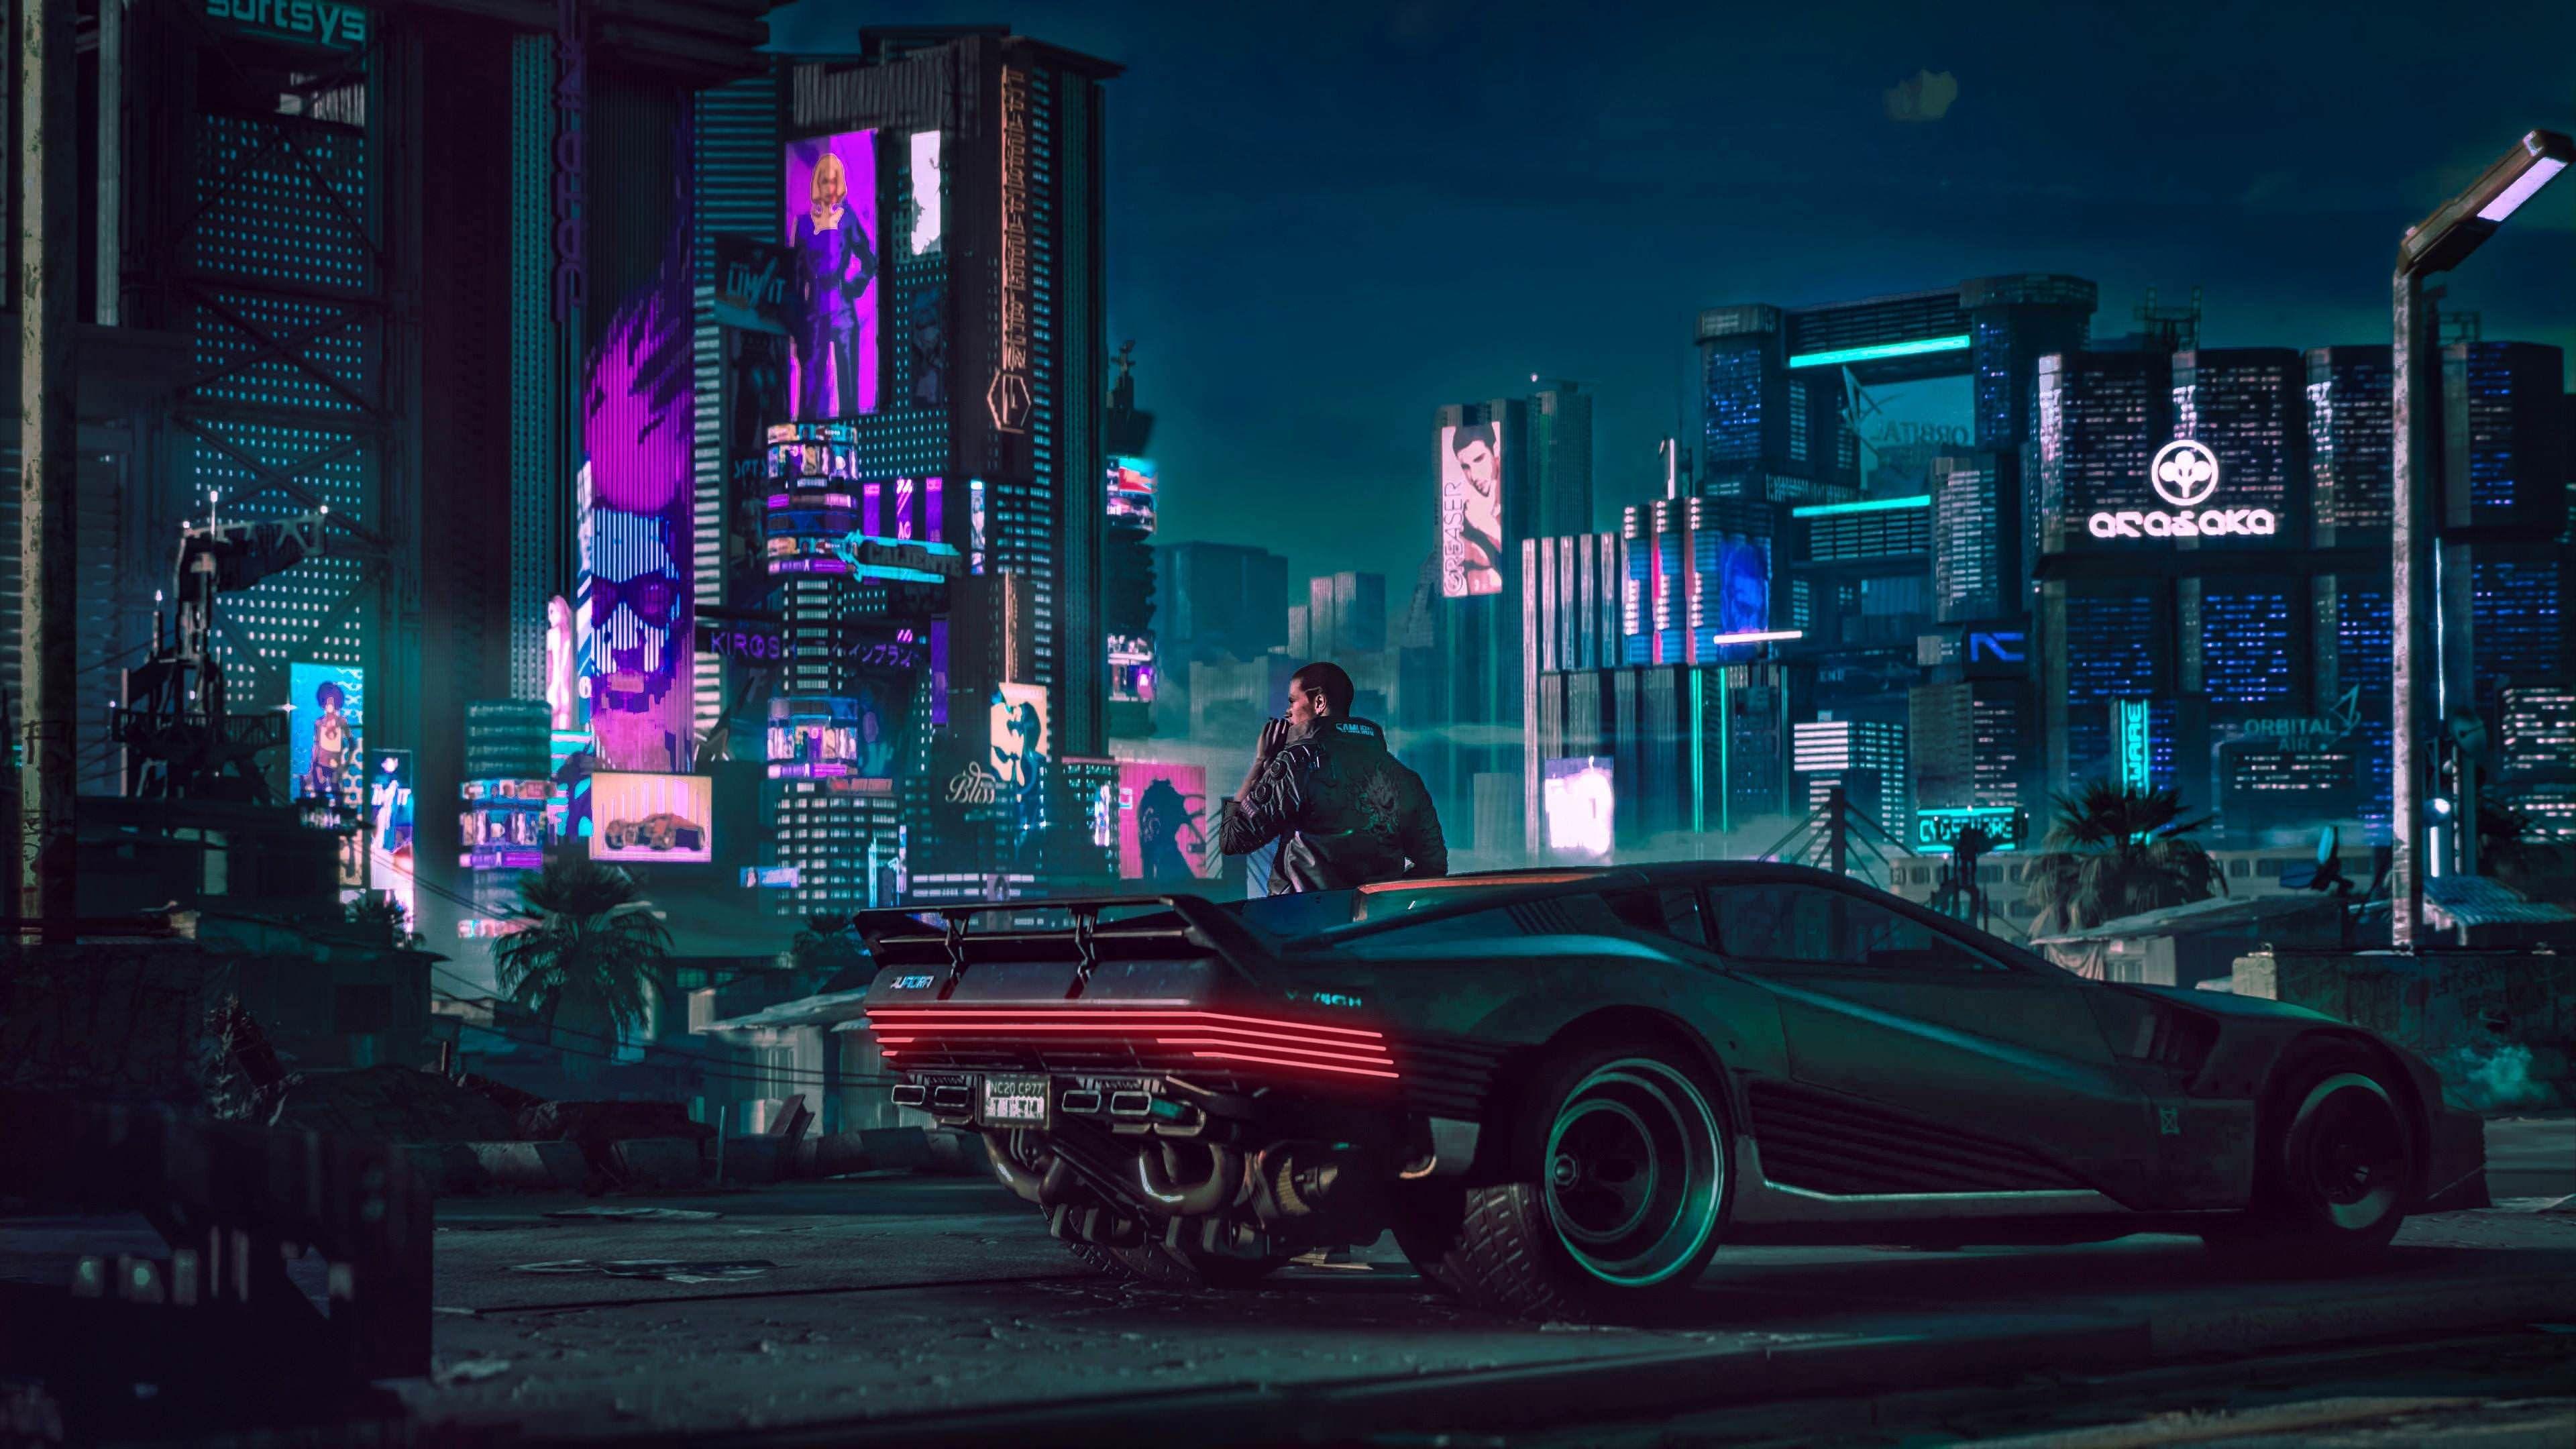 Cyberpunk Car Futuristic city, Cyberpunk 2077, Digital